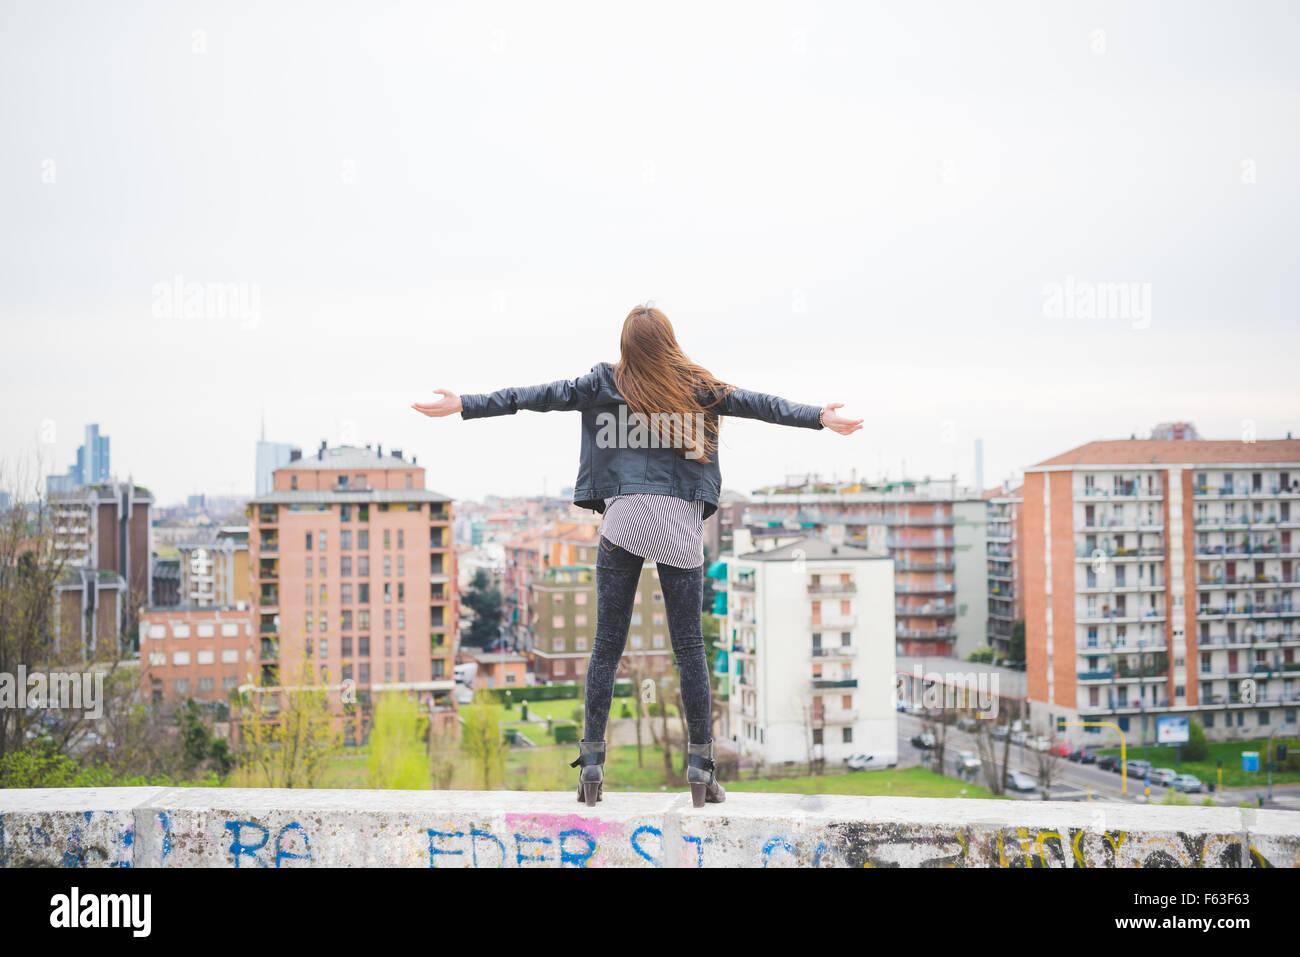 Junge schöne kaukasischen blonde Mädchen mit Armen weit offen in den Vororten steht auf einer kleinen Stockbild